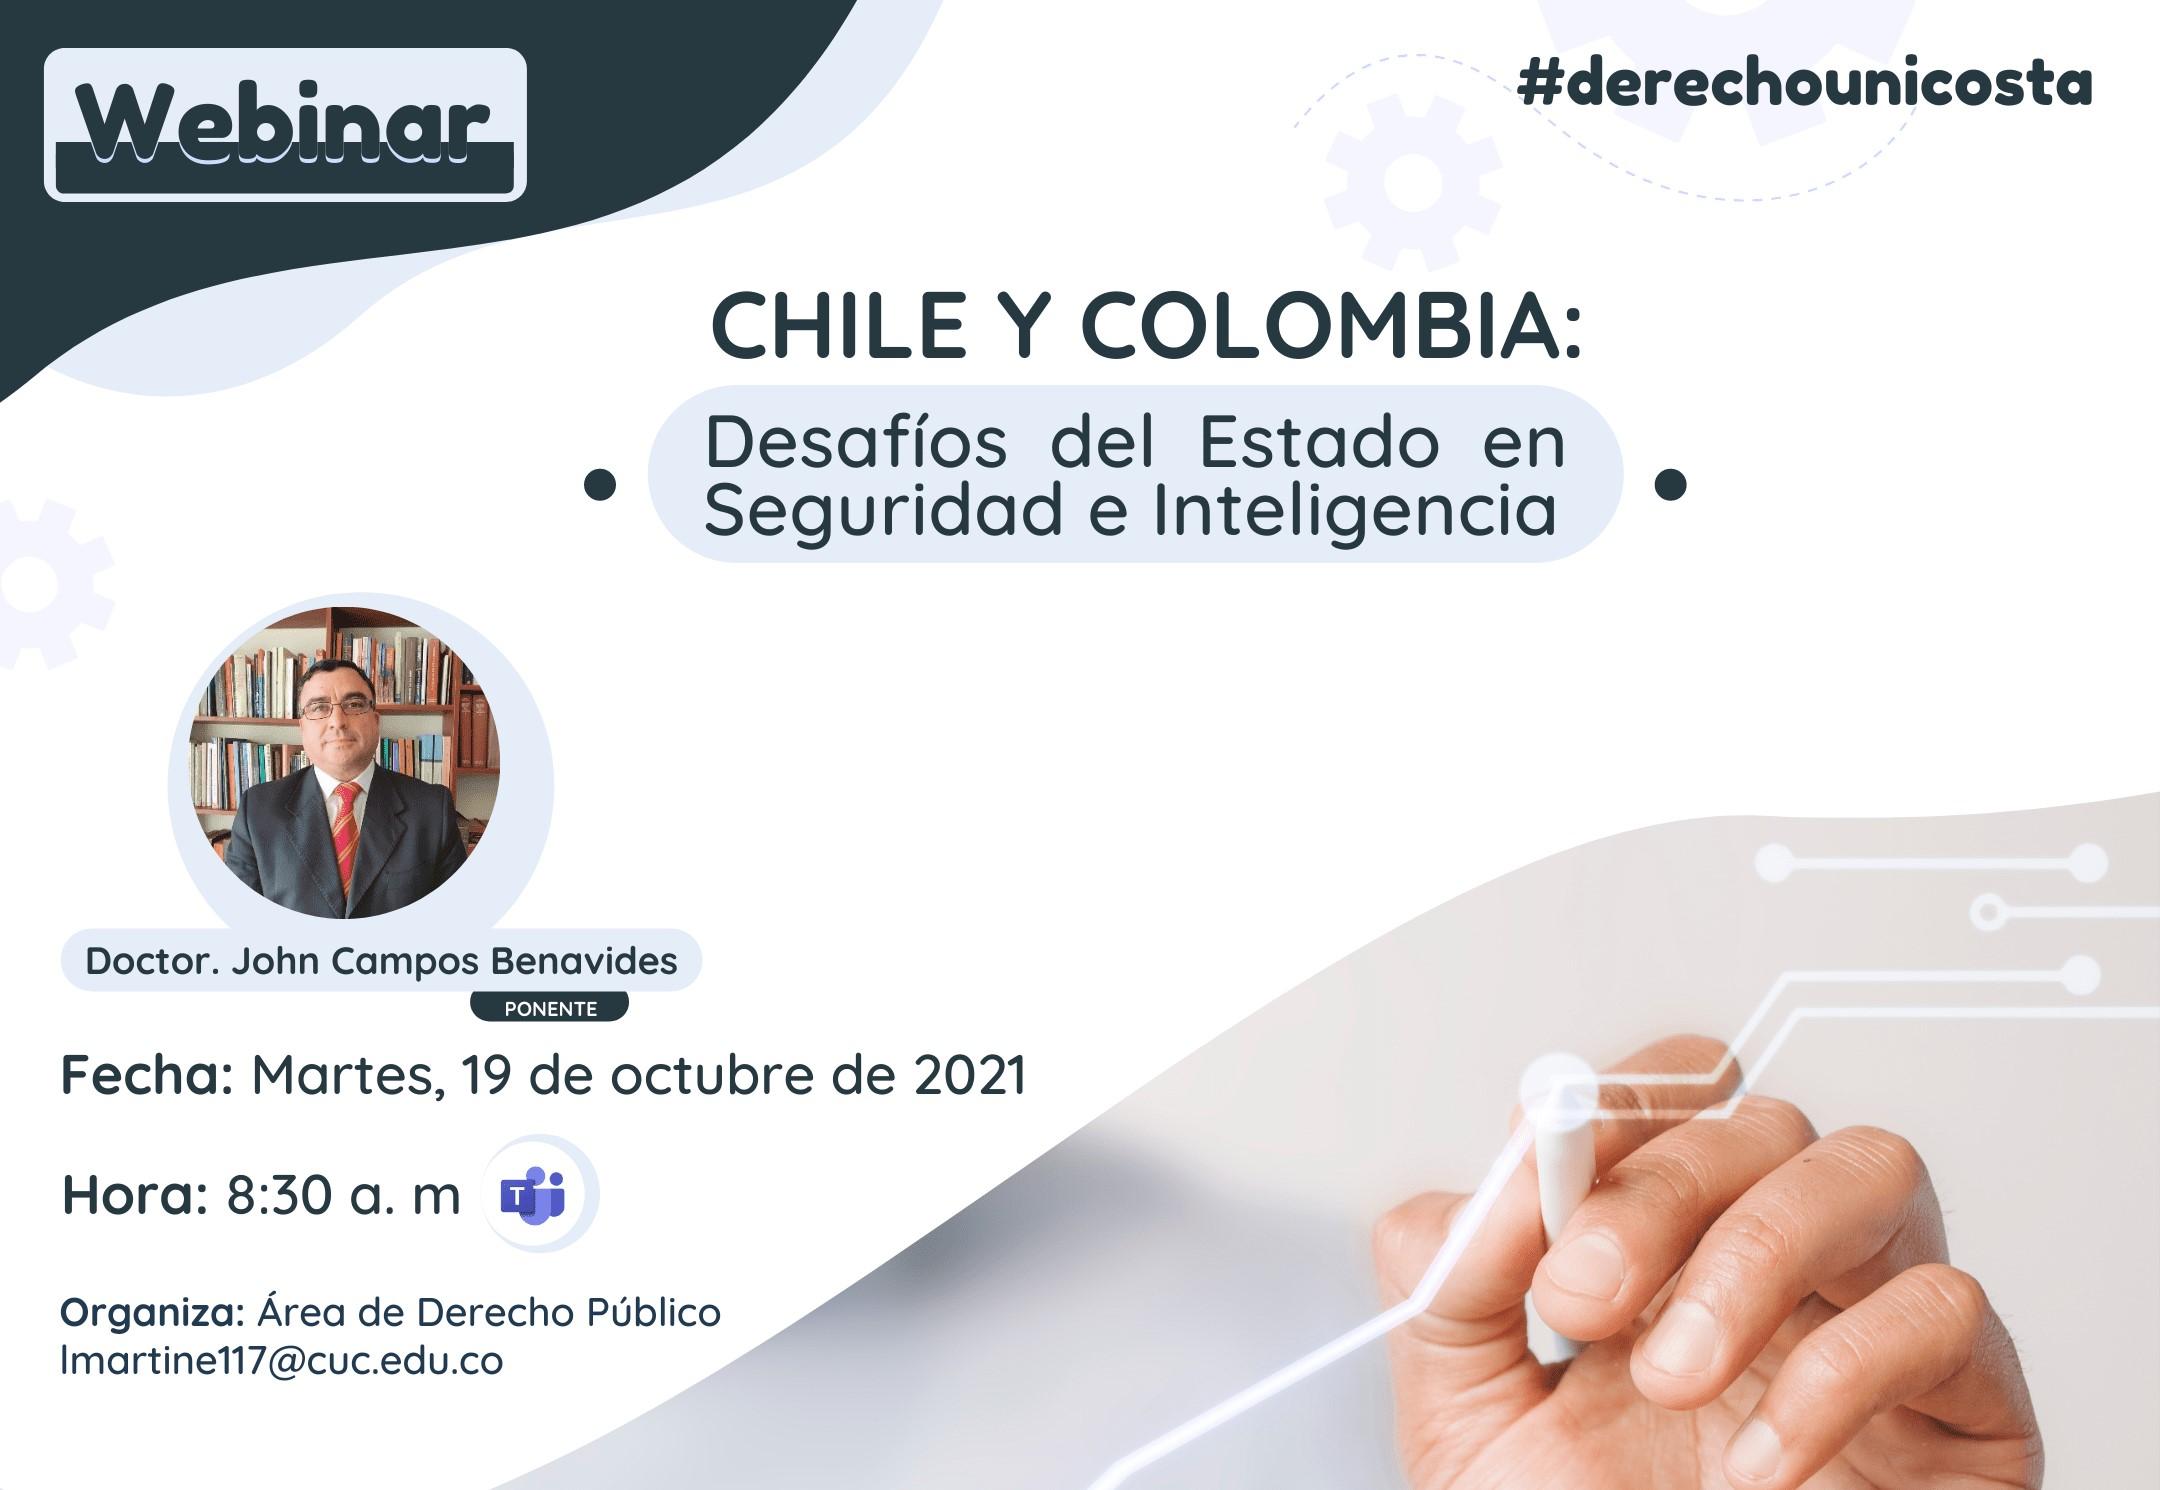 Webinar: Chile y Colombia 'Desafíos del Estado en Seguridad e Inteligencia'